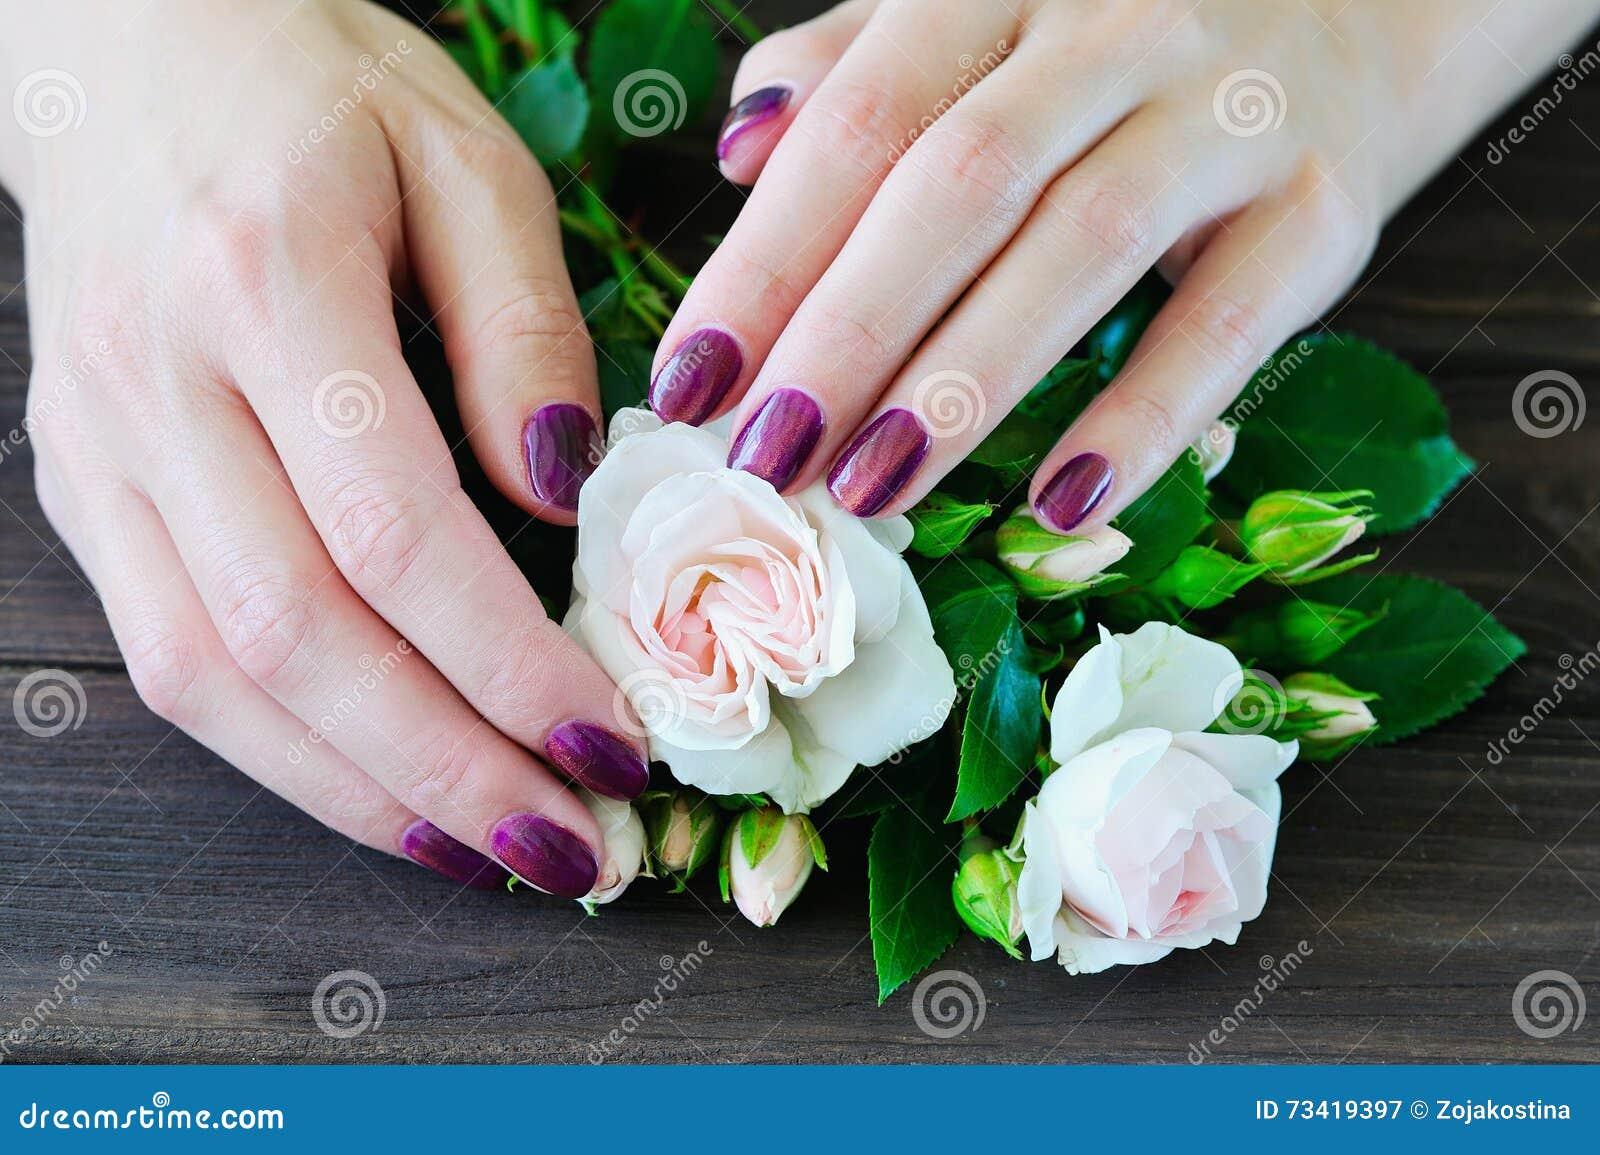 Atractivo Diseños De Uñas De Flores 3d Colección de Imágenes - Ideas ...